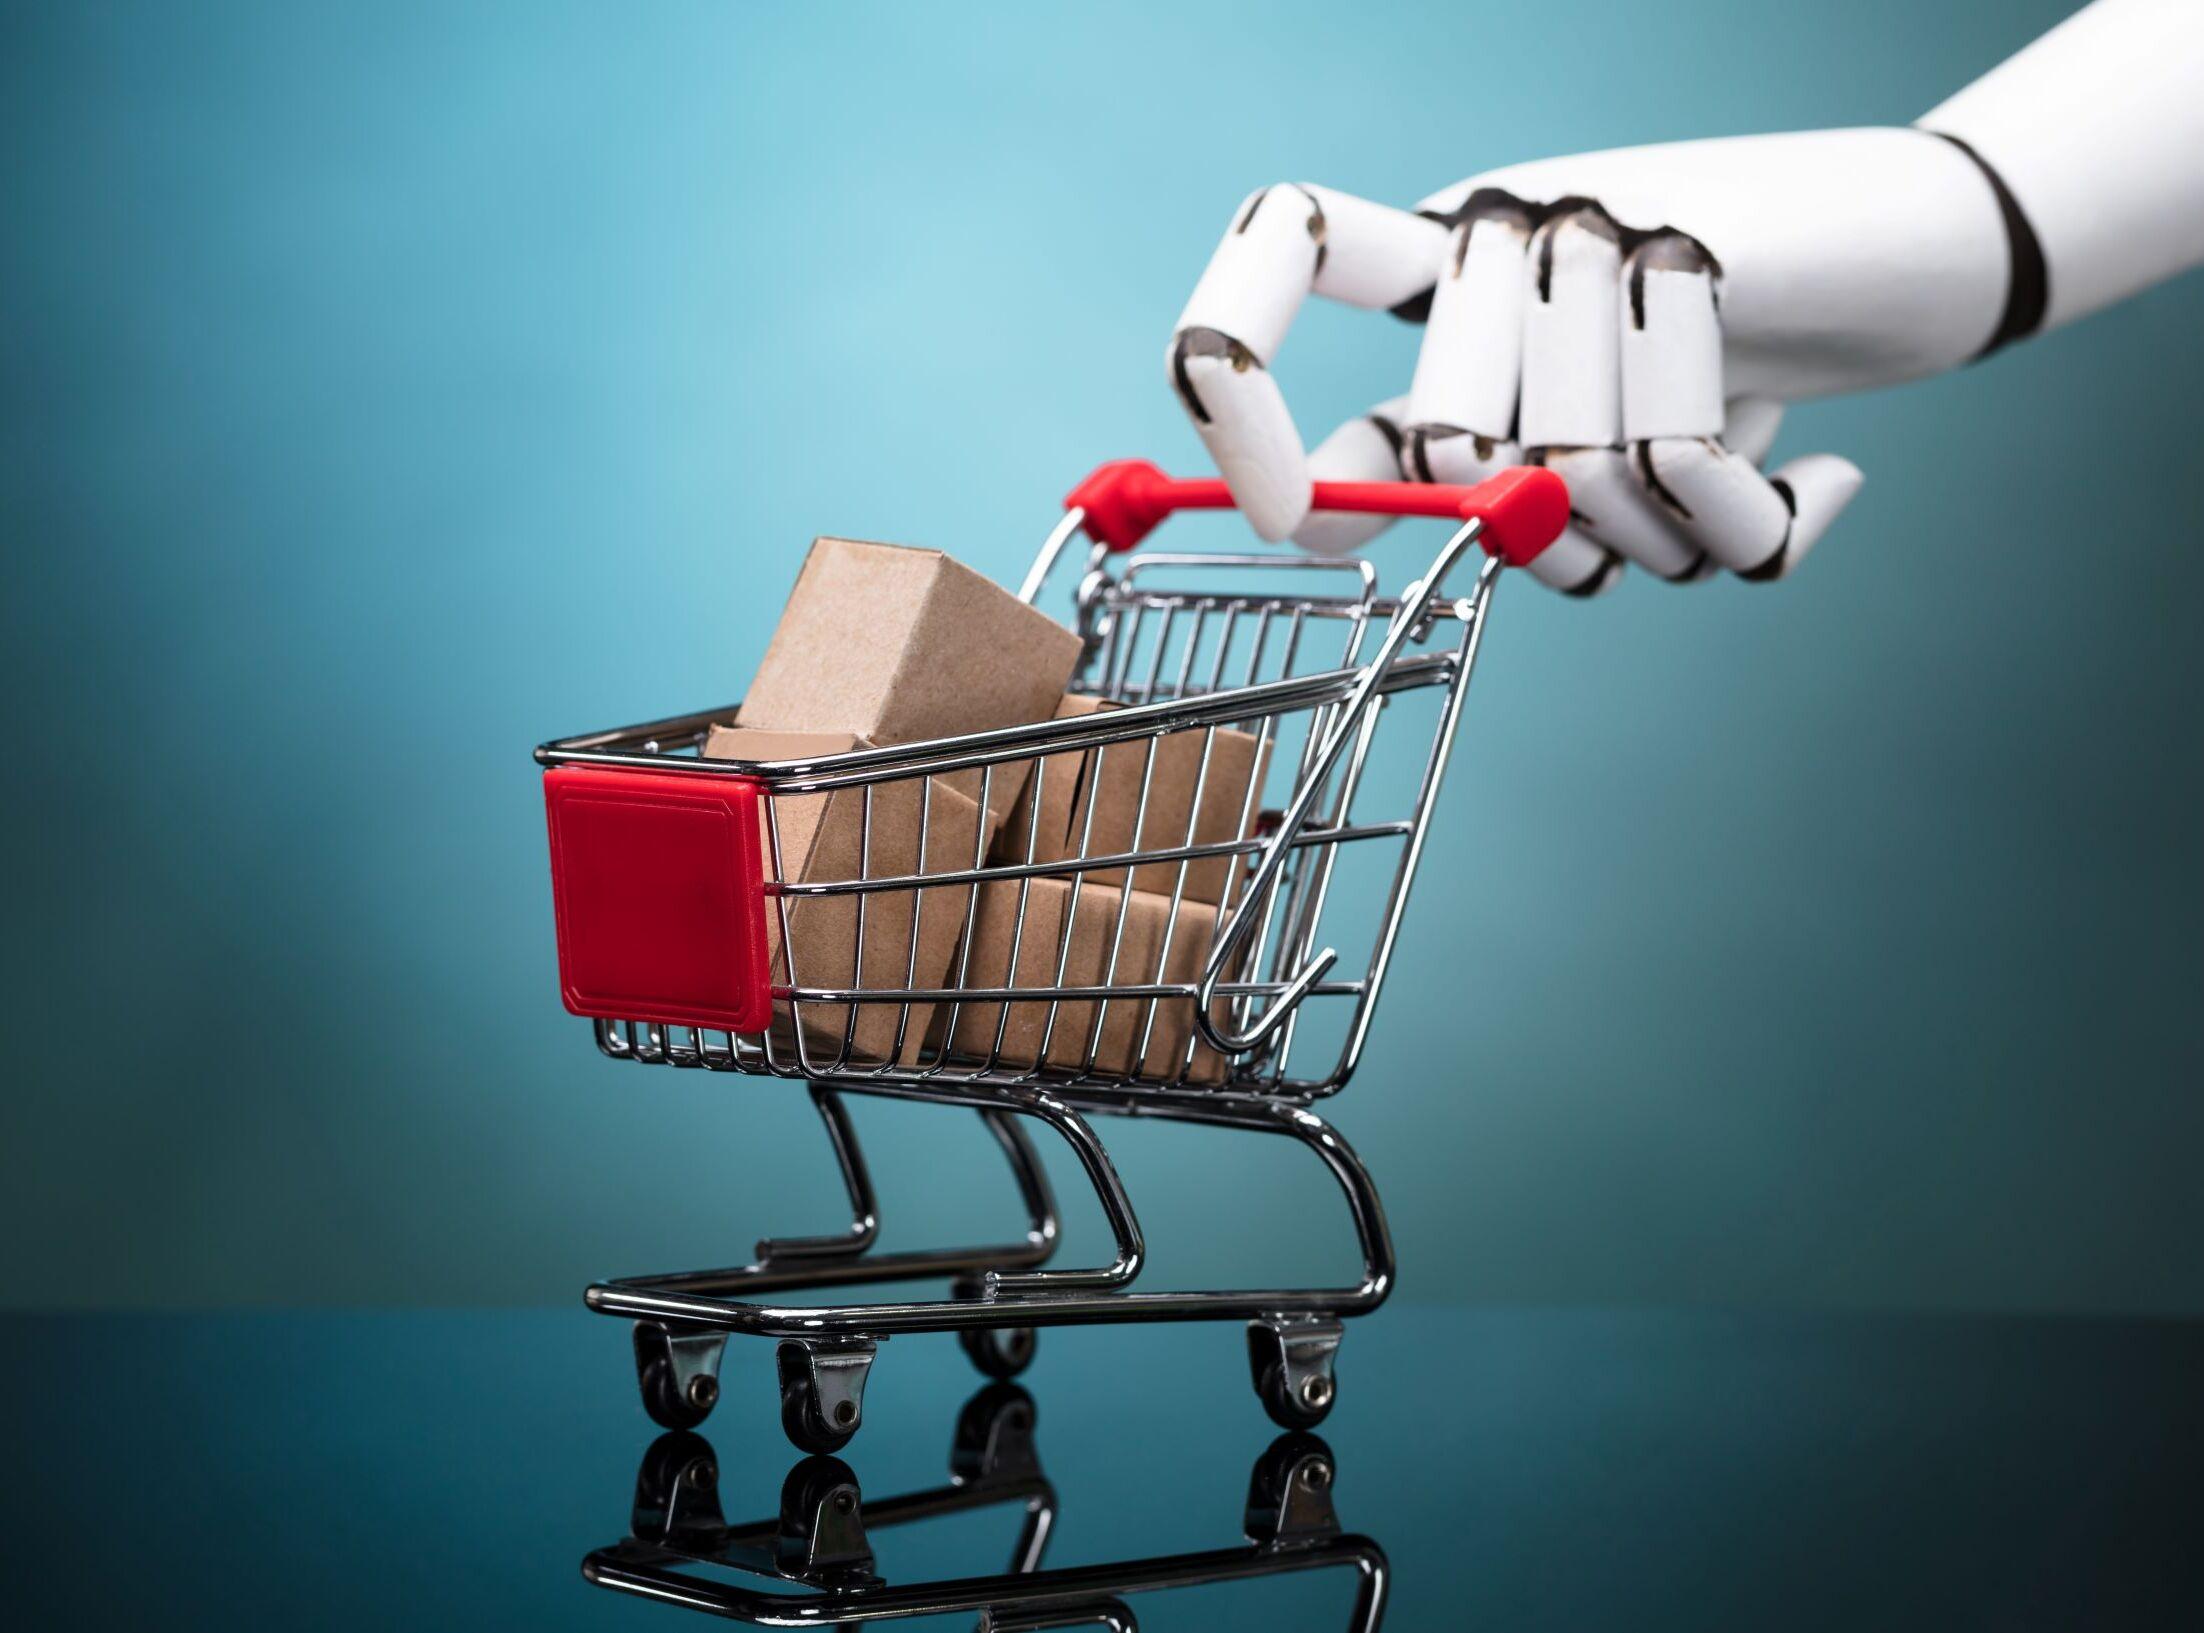 Как внедрить решение прогнозирования спроса методами машинного обучения, и какую пользу бизнесу оно принесет?